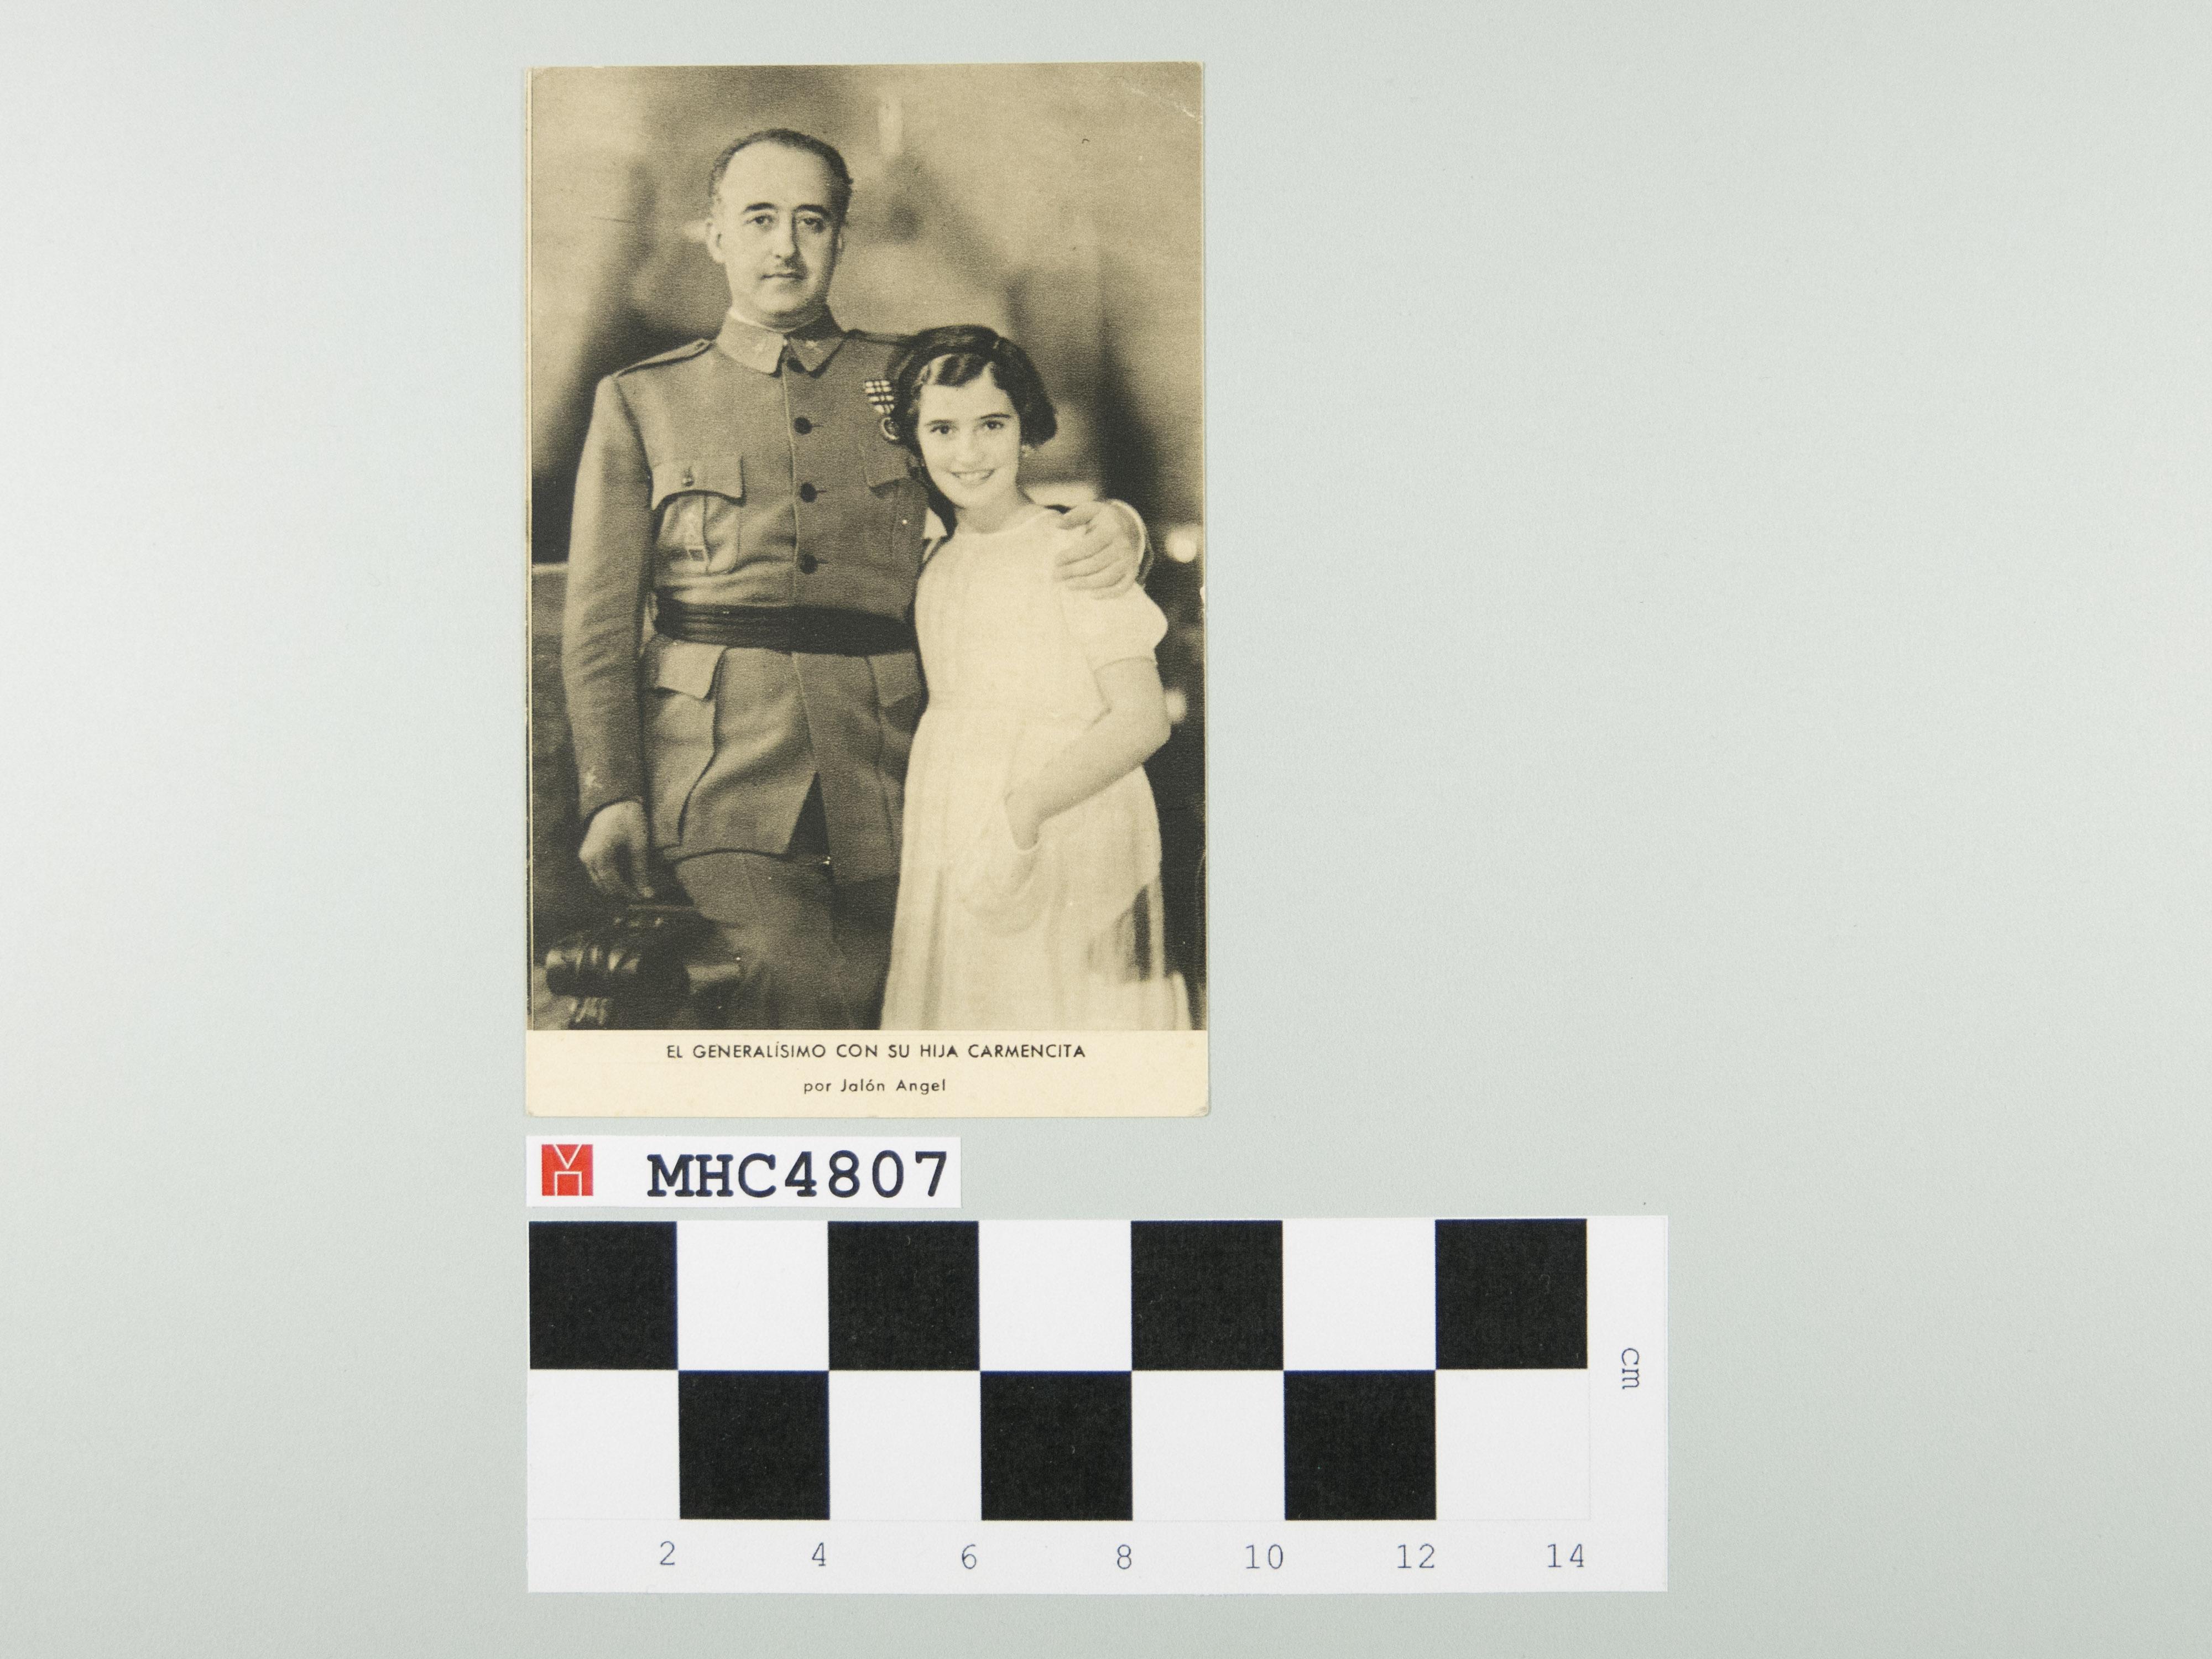 El generalísimo con su hija Carmencita.